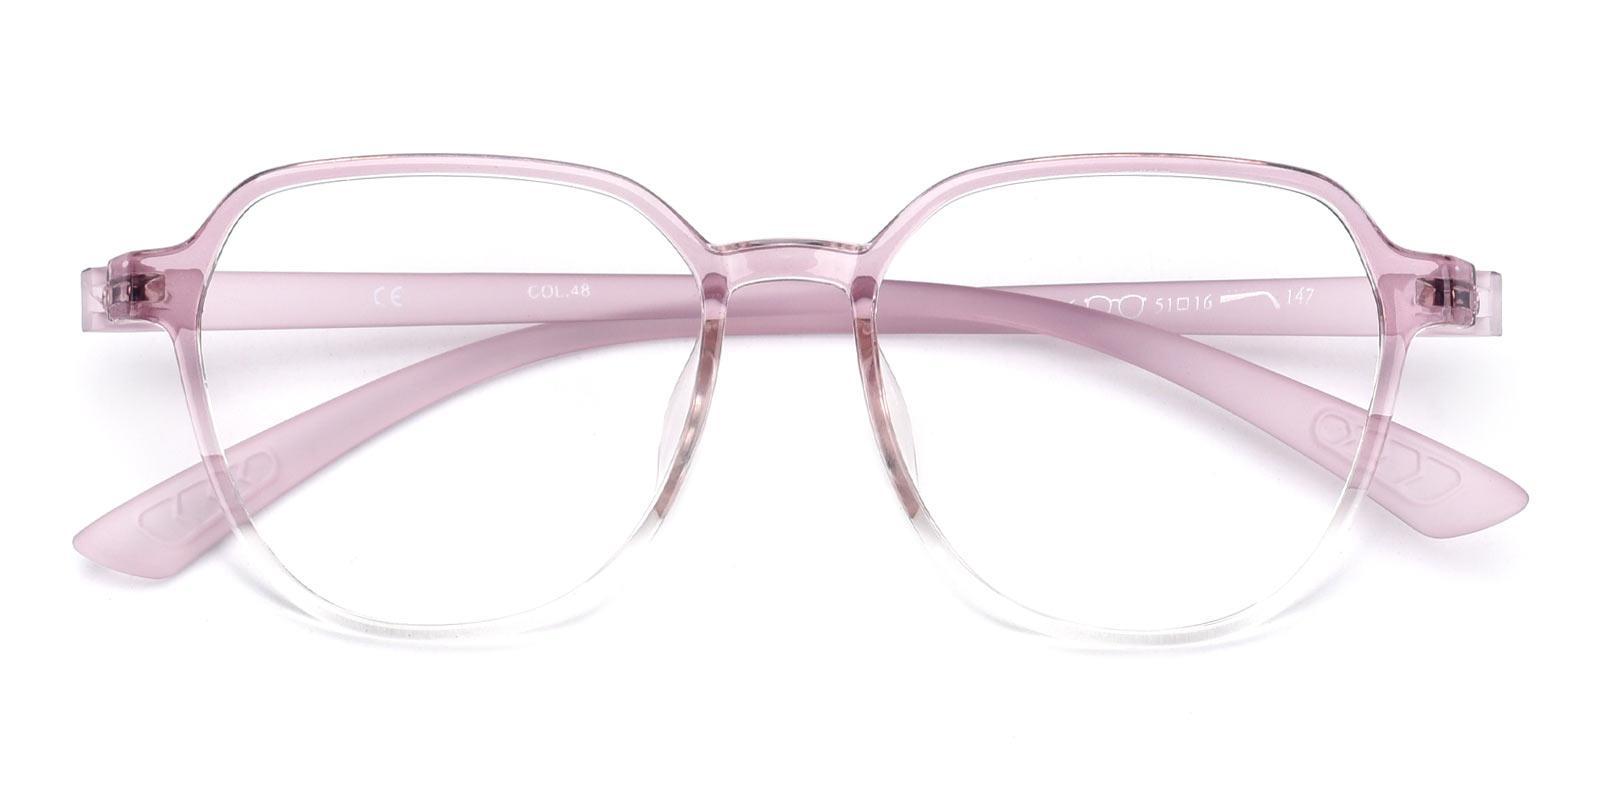 Cookies-Purple-Square-TR-Eyeglasses-detail